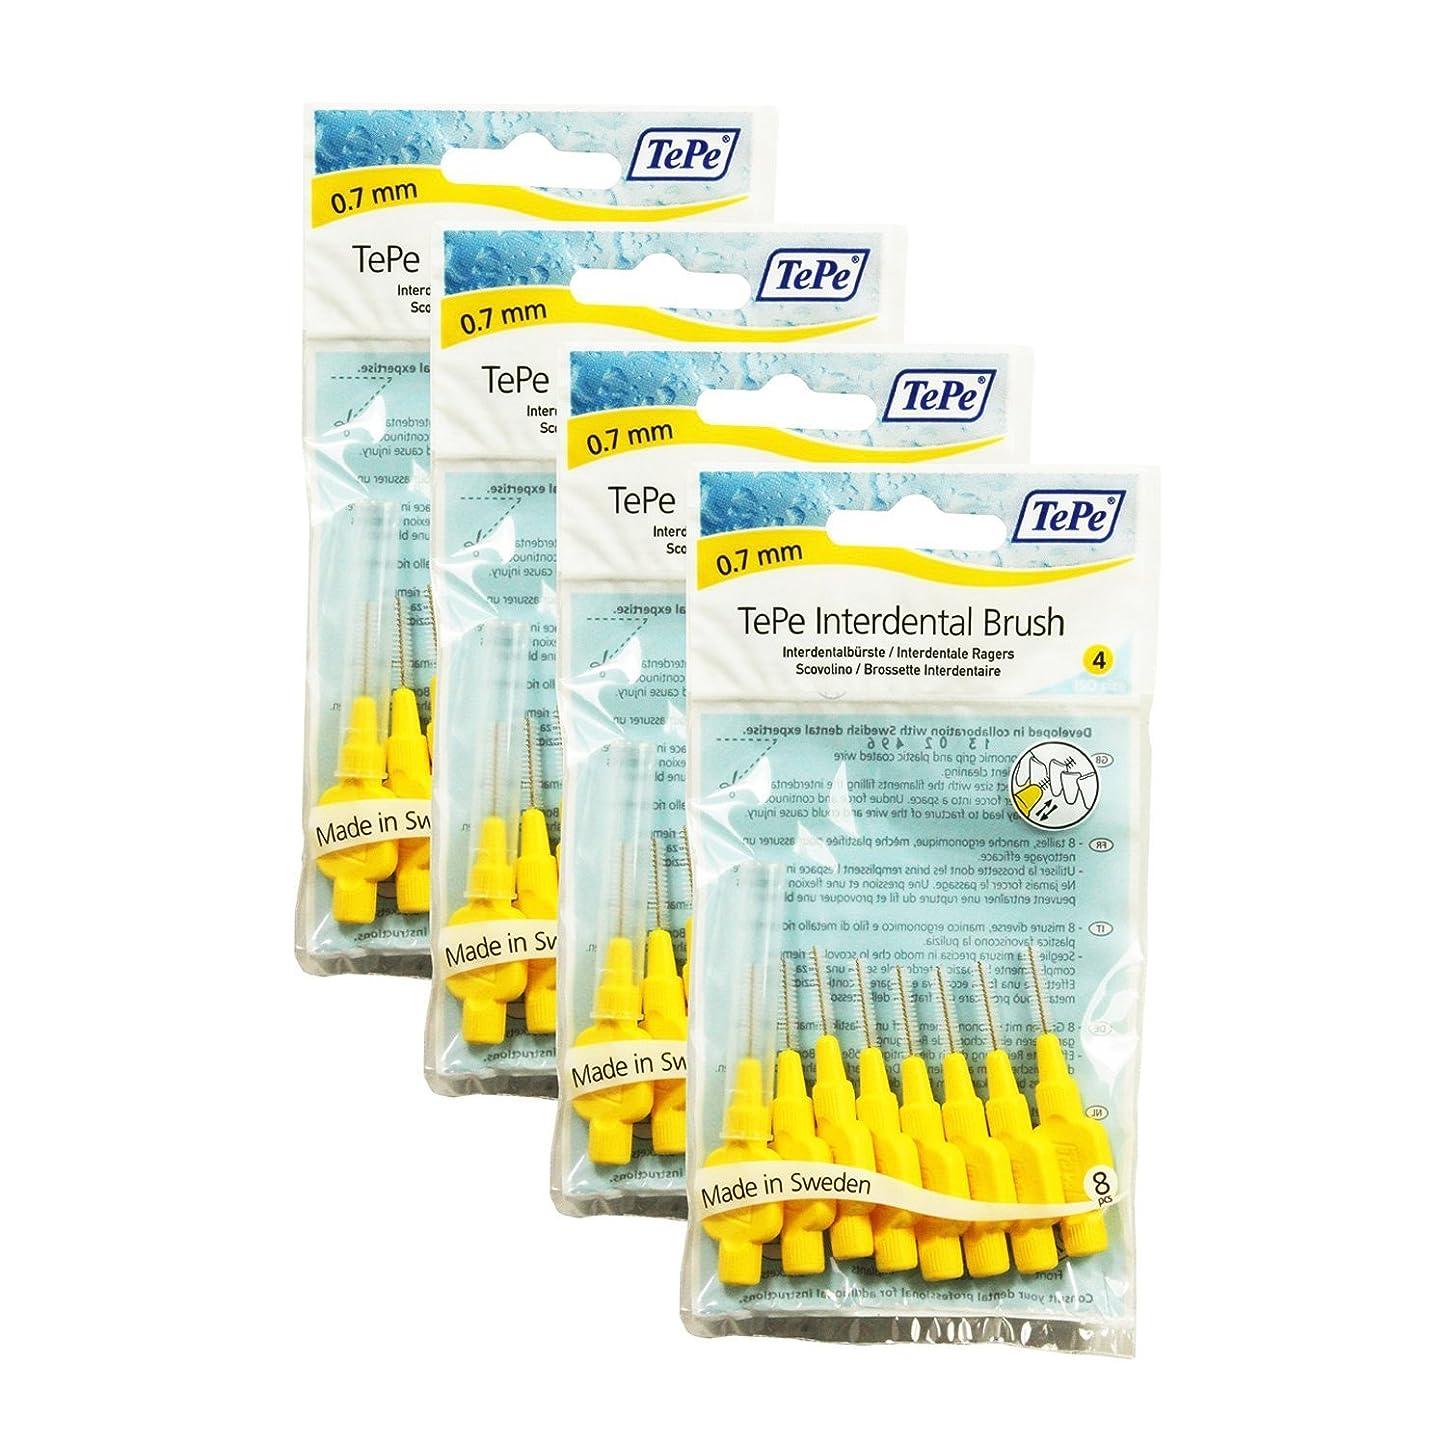 ホース動物がんばり続けるTePe Interdental Brushes 0.7mm Yellow - 4 Packets of 8 (32 Brushes) by TePe